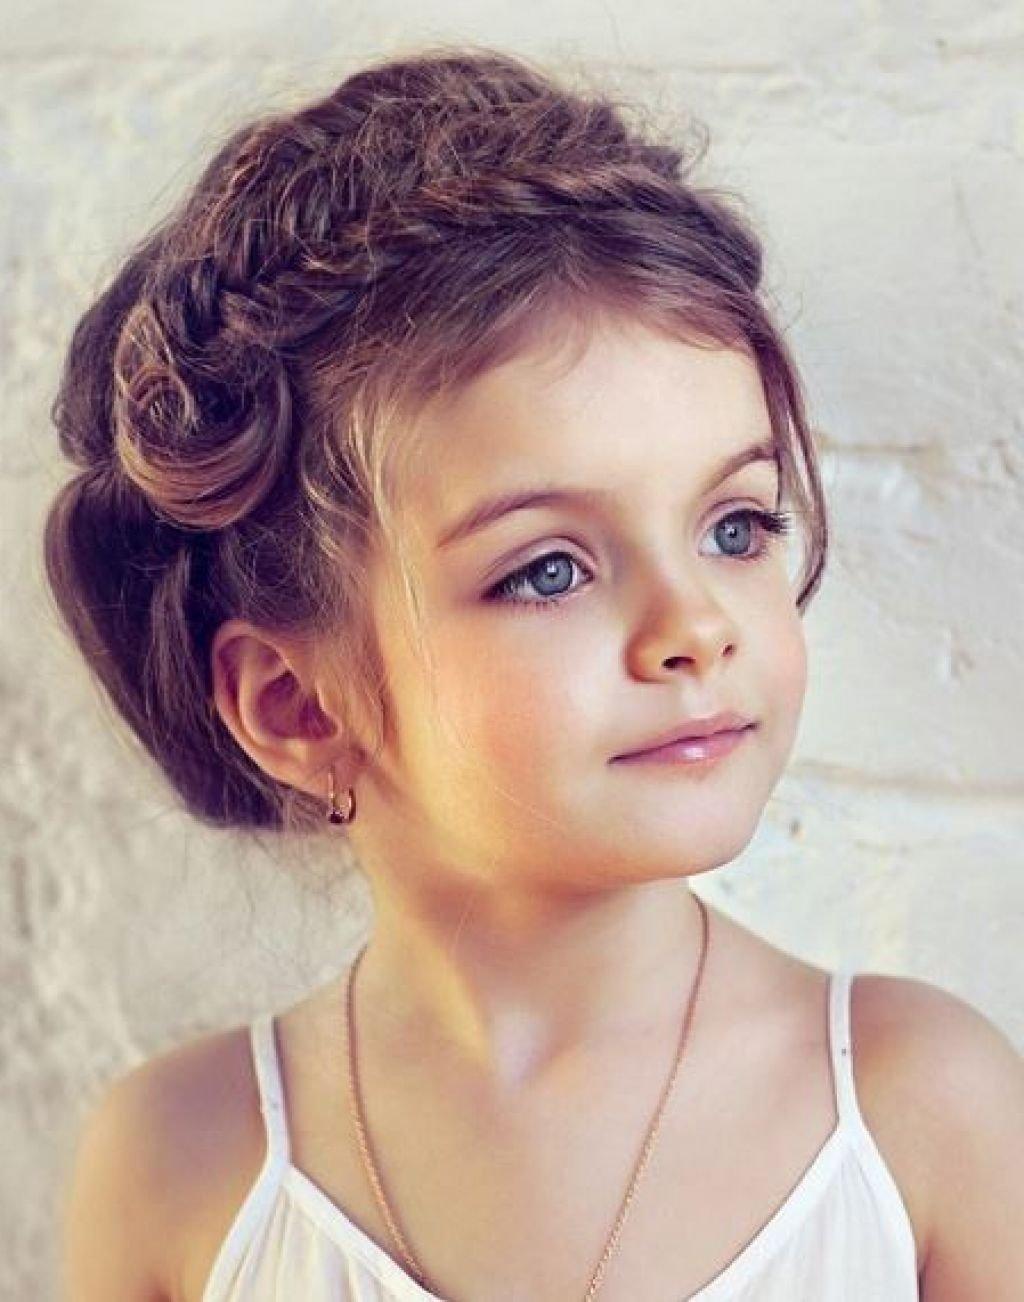 Красивая прическа девочке фото